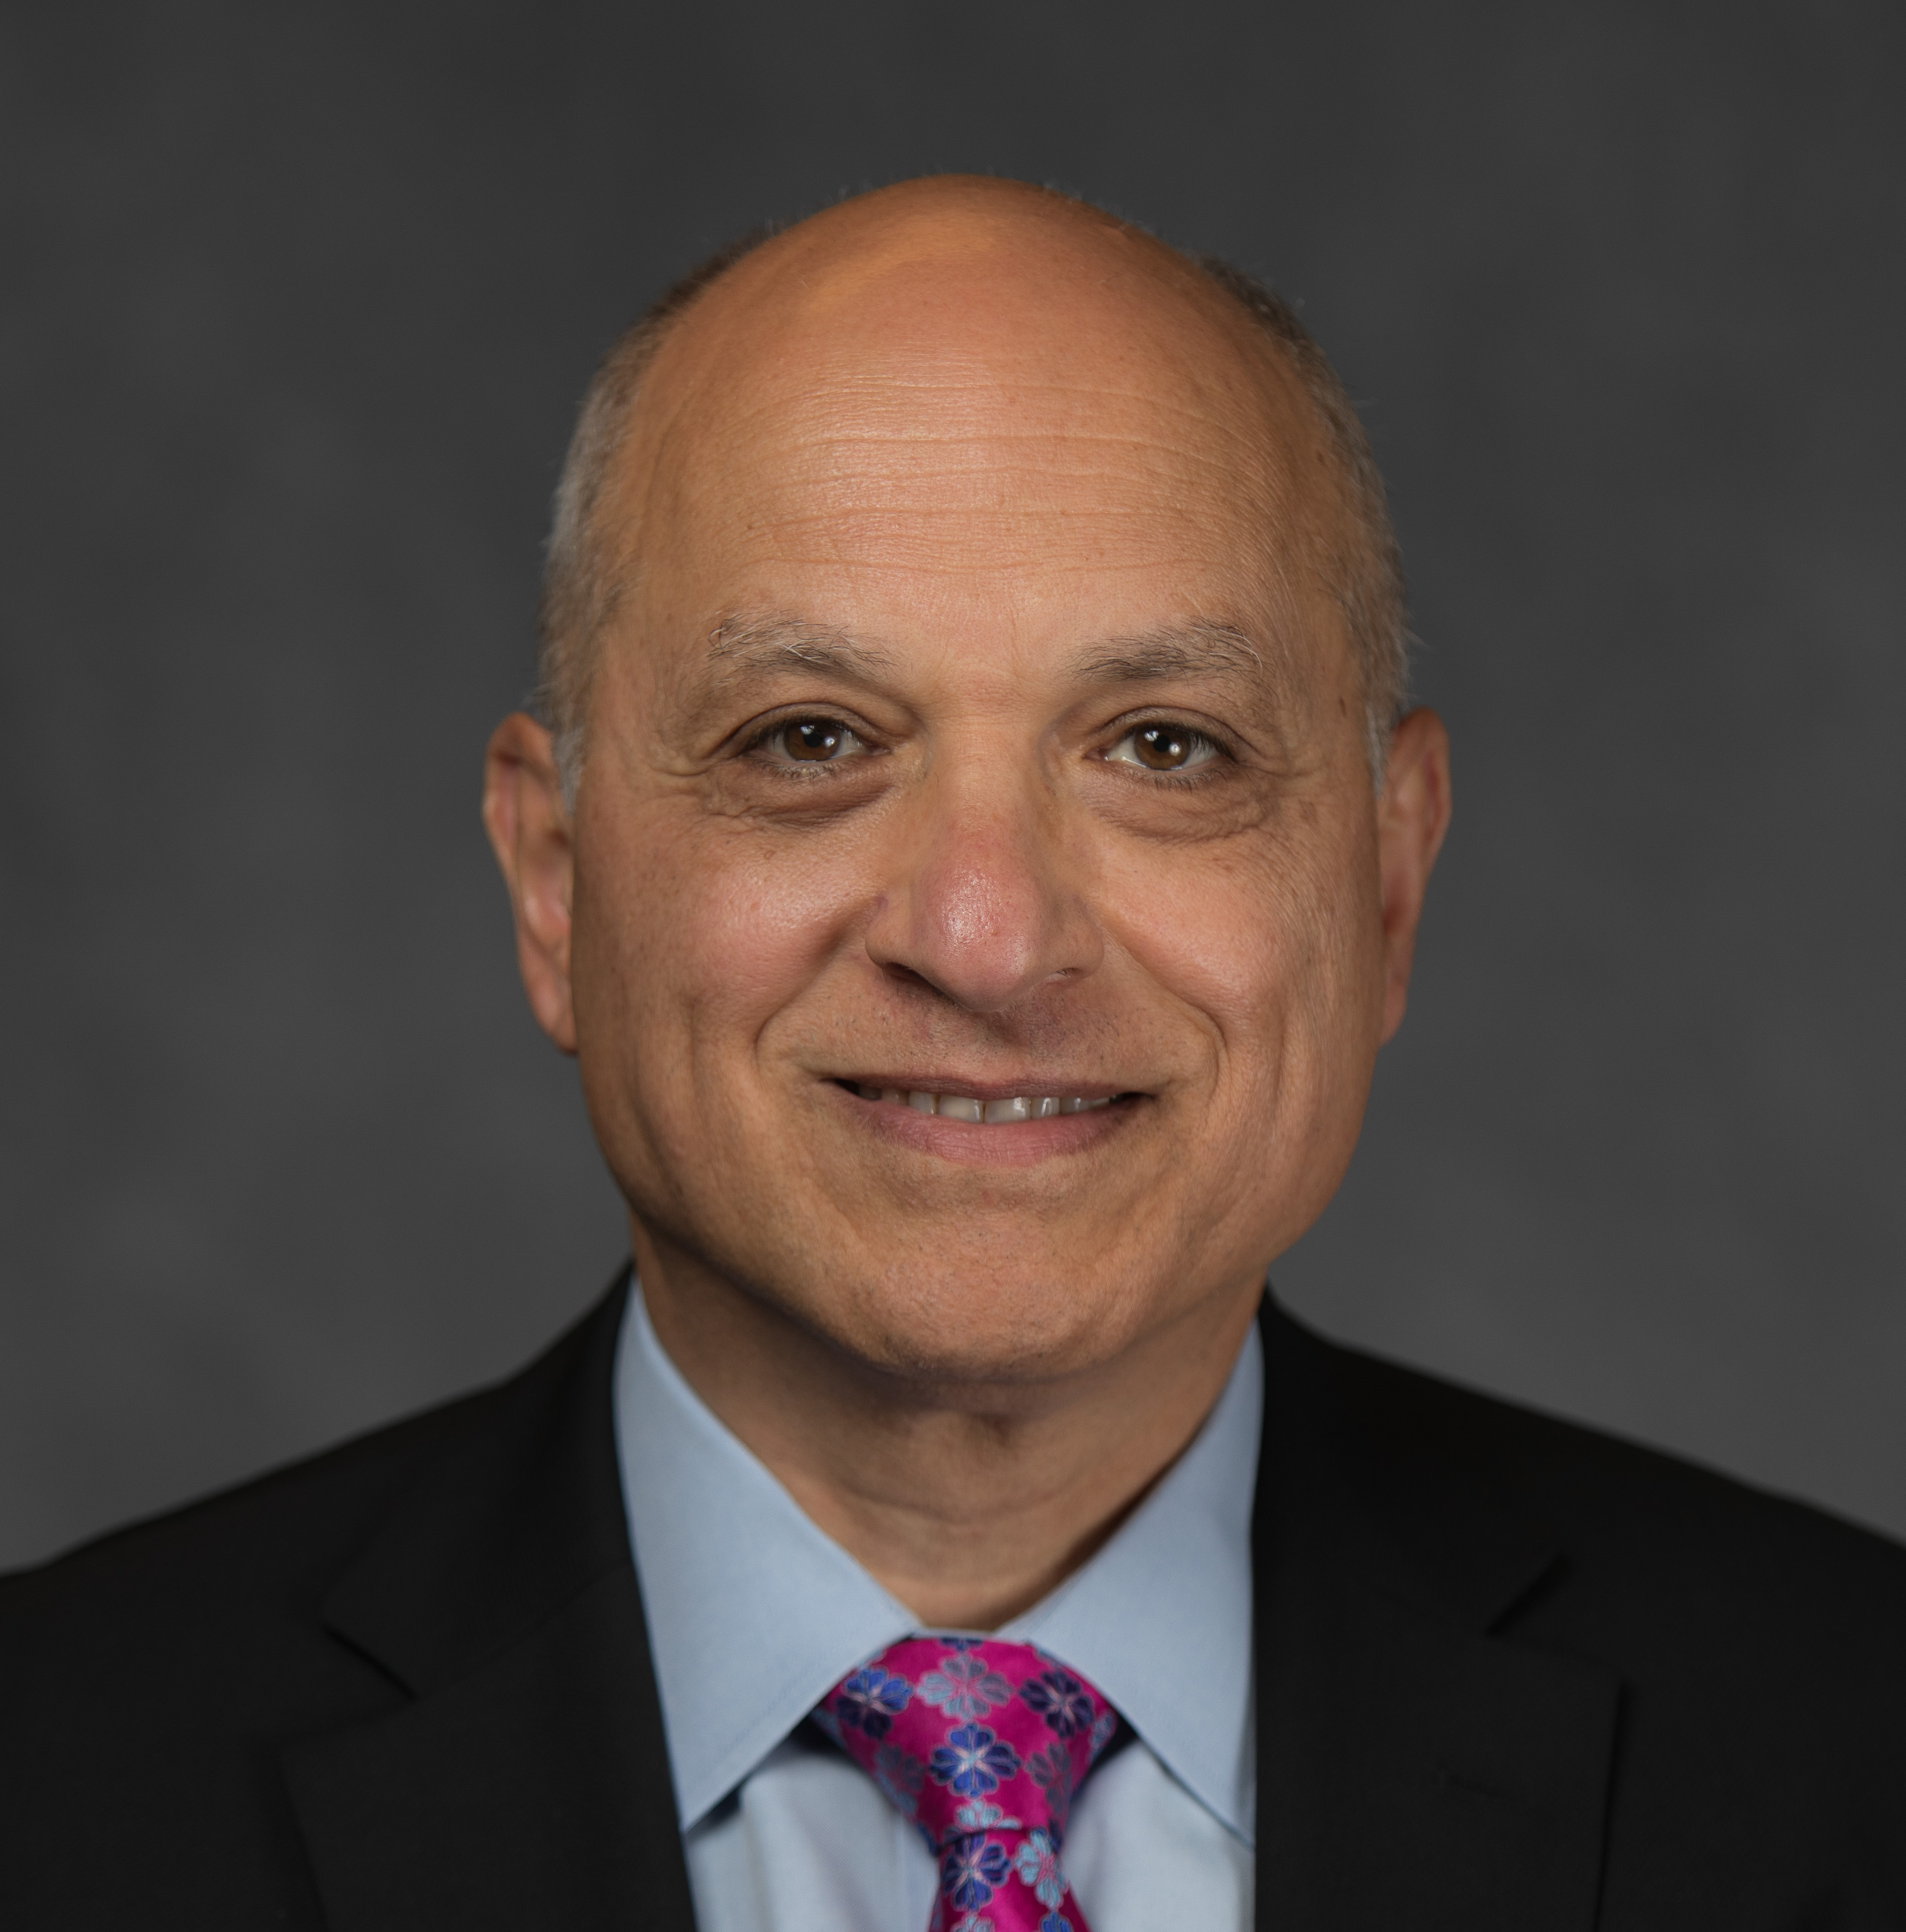 Mahmoud A. Khalifa, M.D., Ph.D.